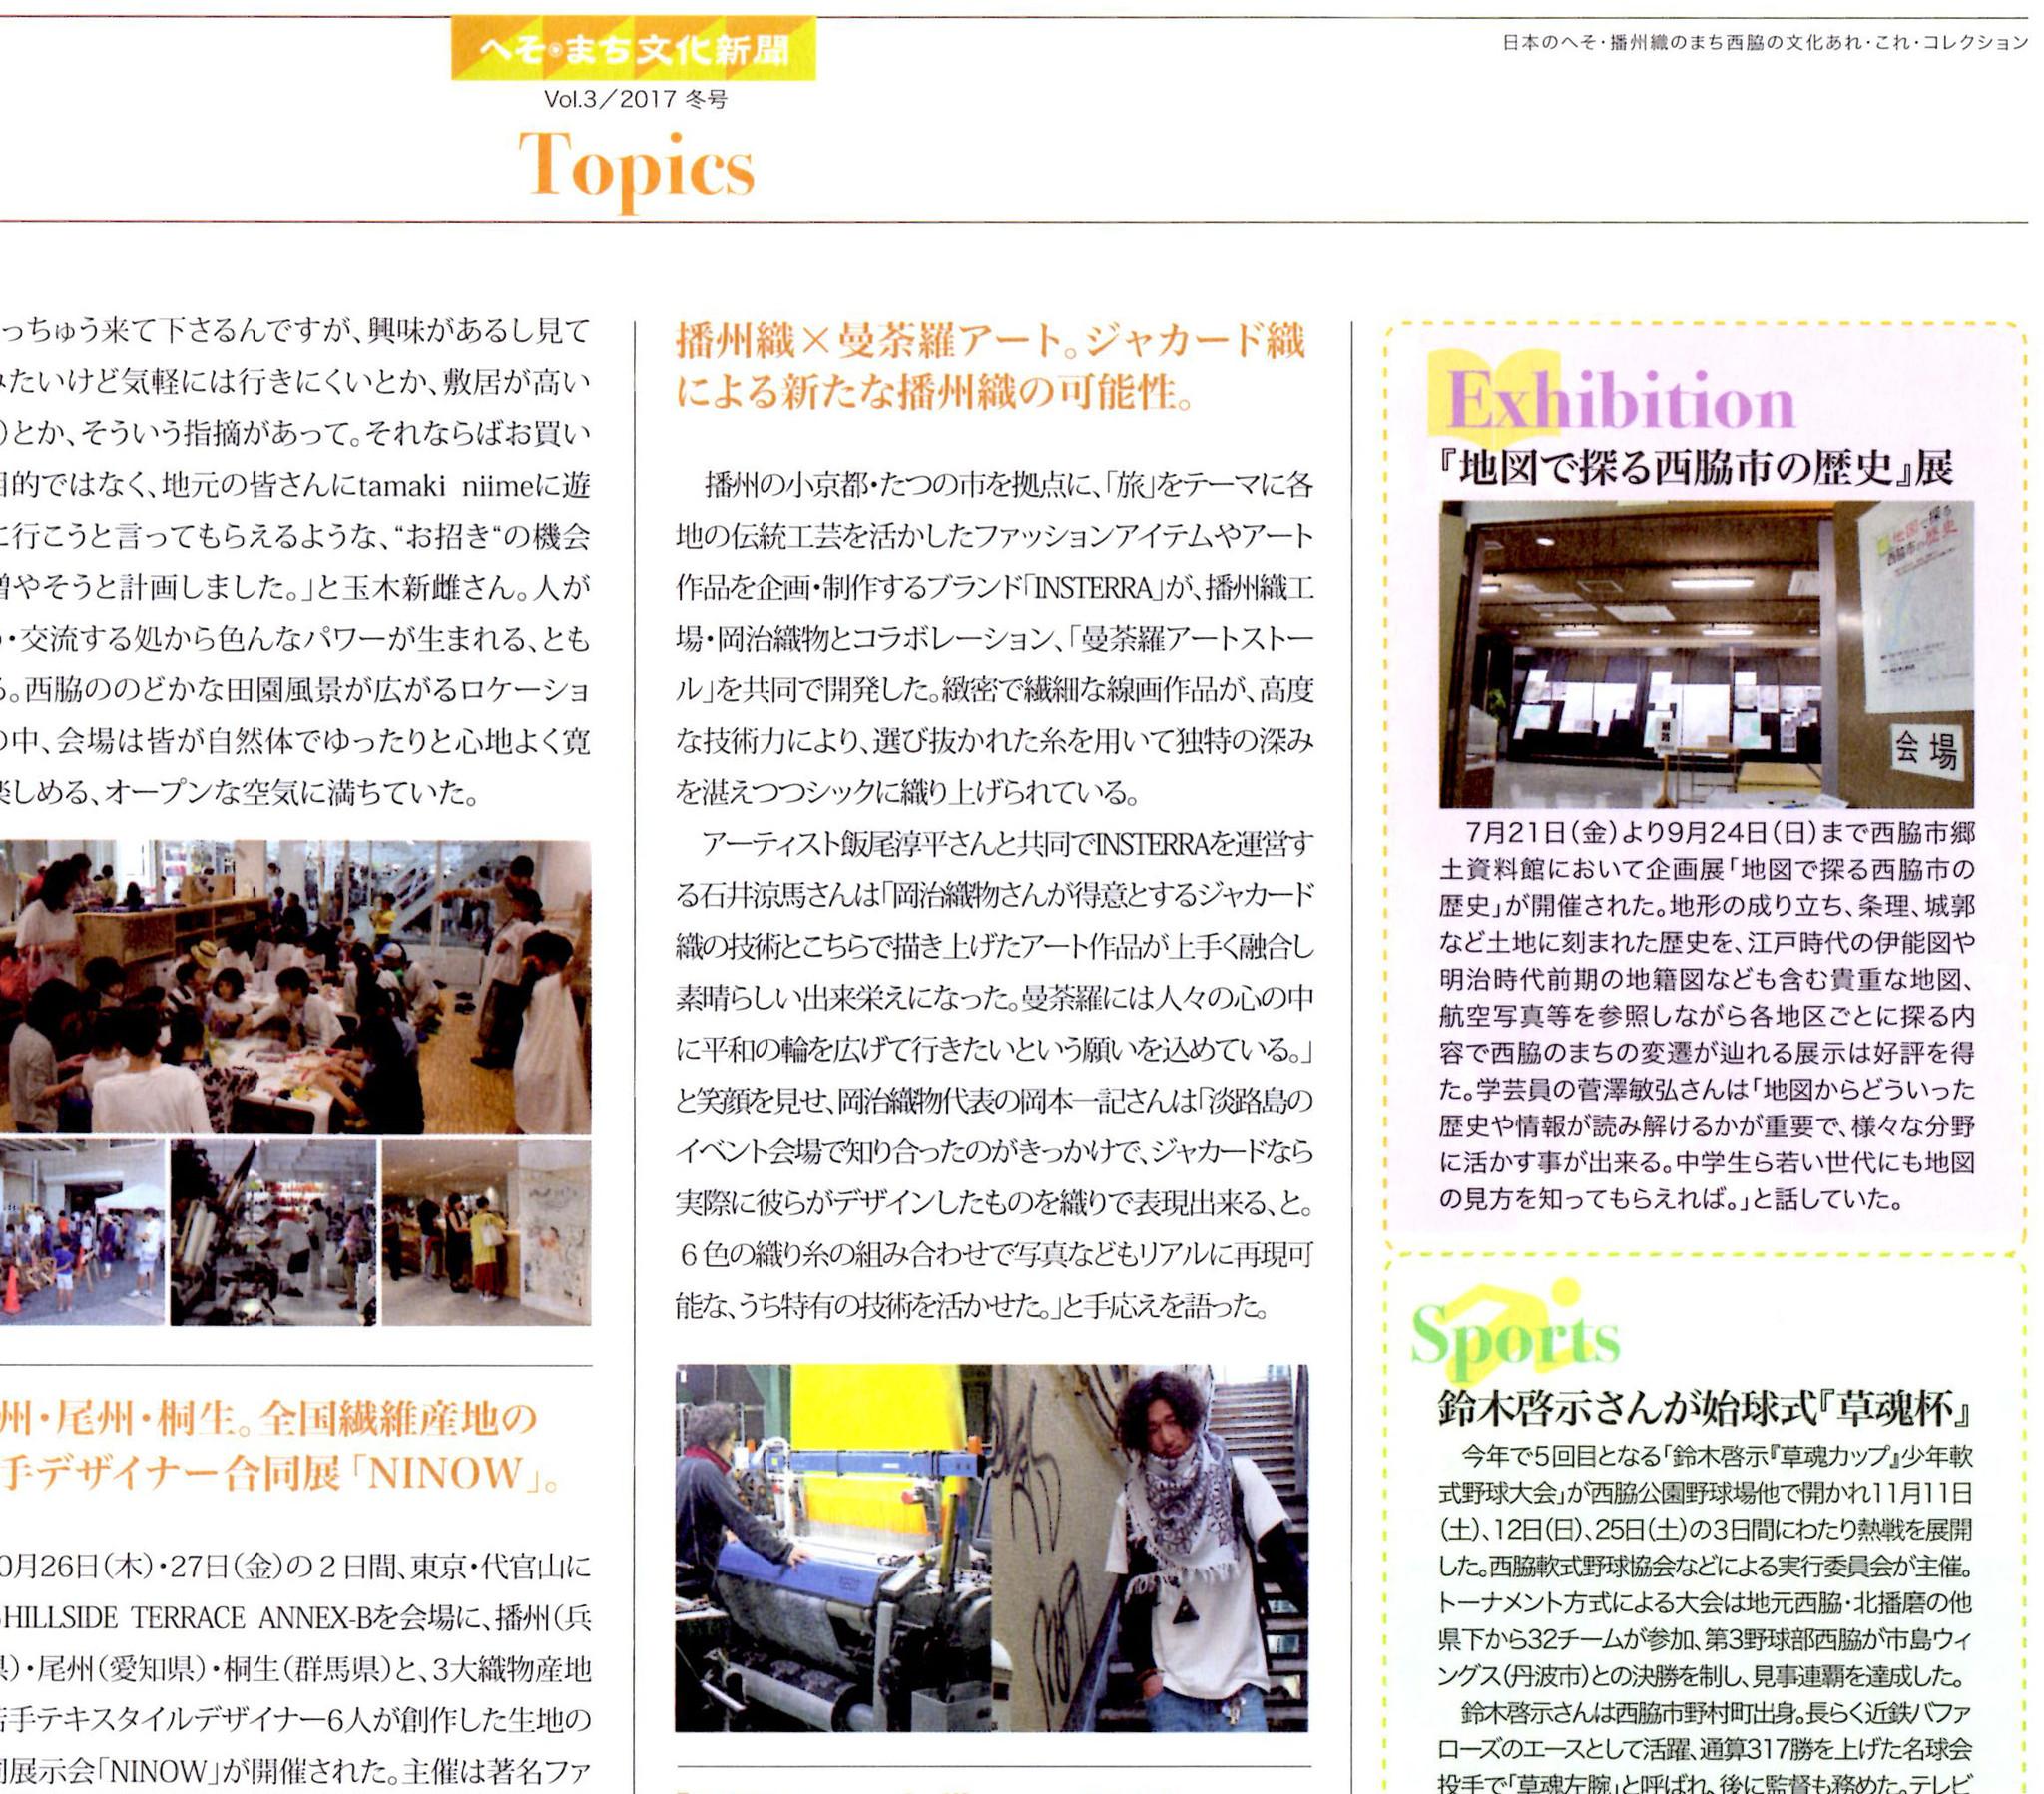 兵庫県西脇市の地域情報紙「へそまち文化新聞」に、播州織の曼荼羅アートストールが掲載!